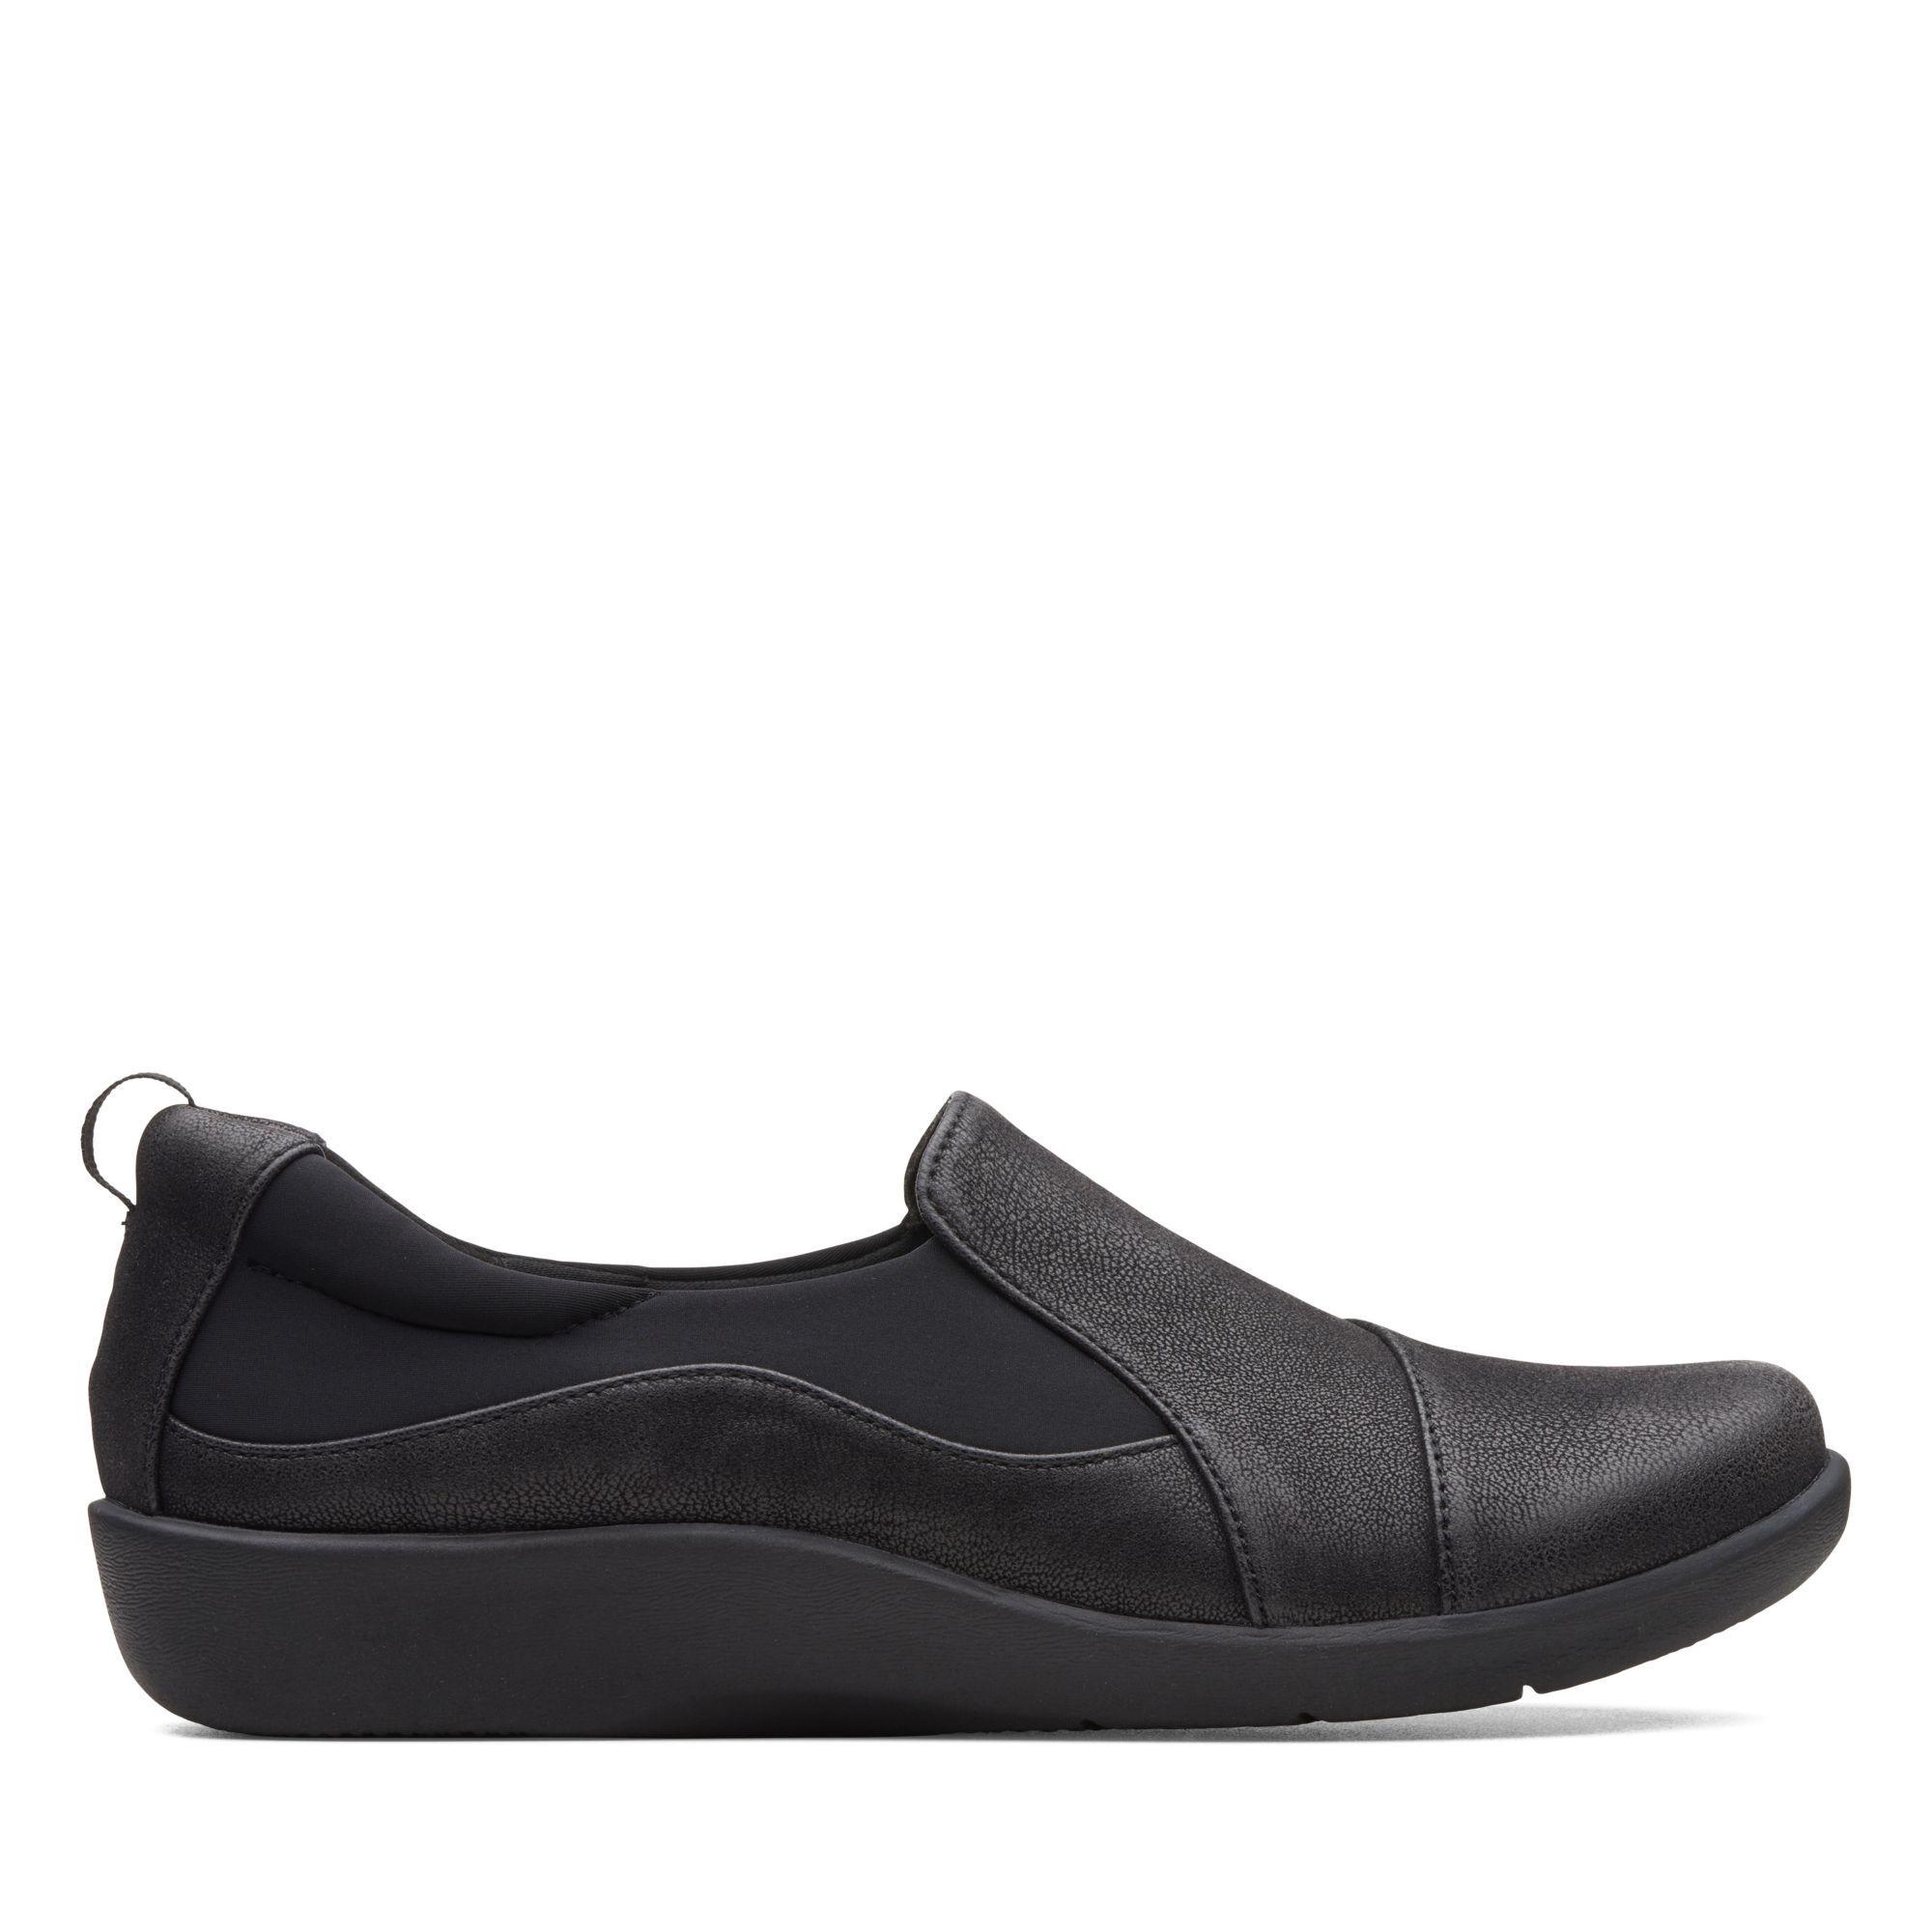 Women's Black Shoes - Sillian Paz | Clarks